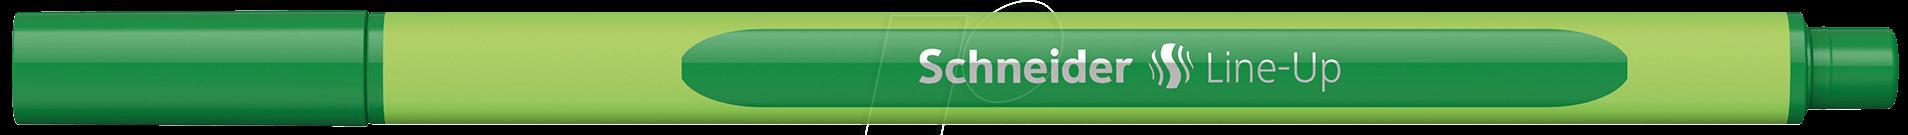 https://cdn-reichelt.de/bilder/web/xxl_ws/F100/191004_1.png